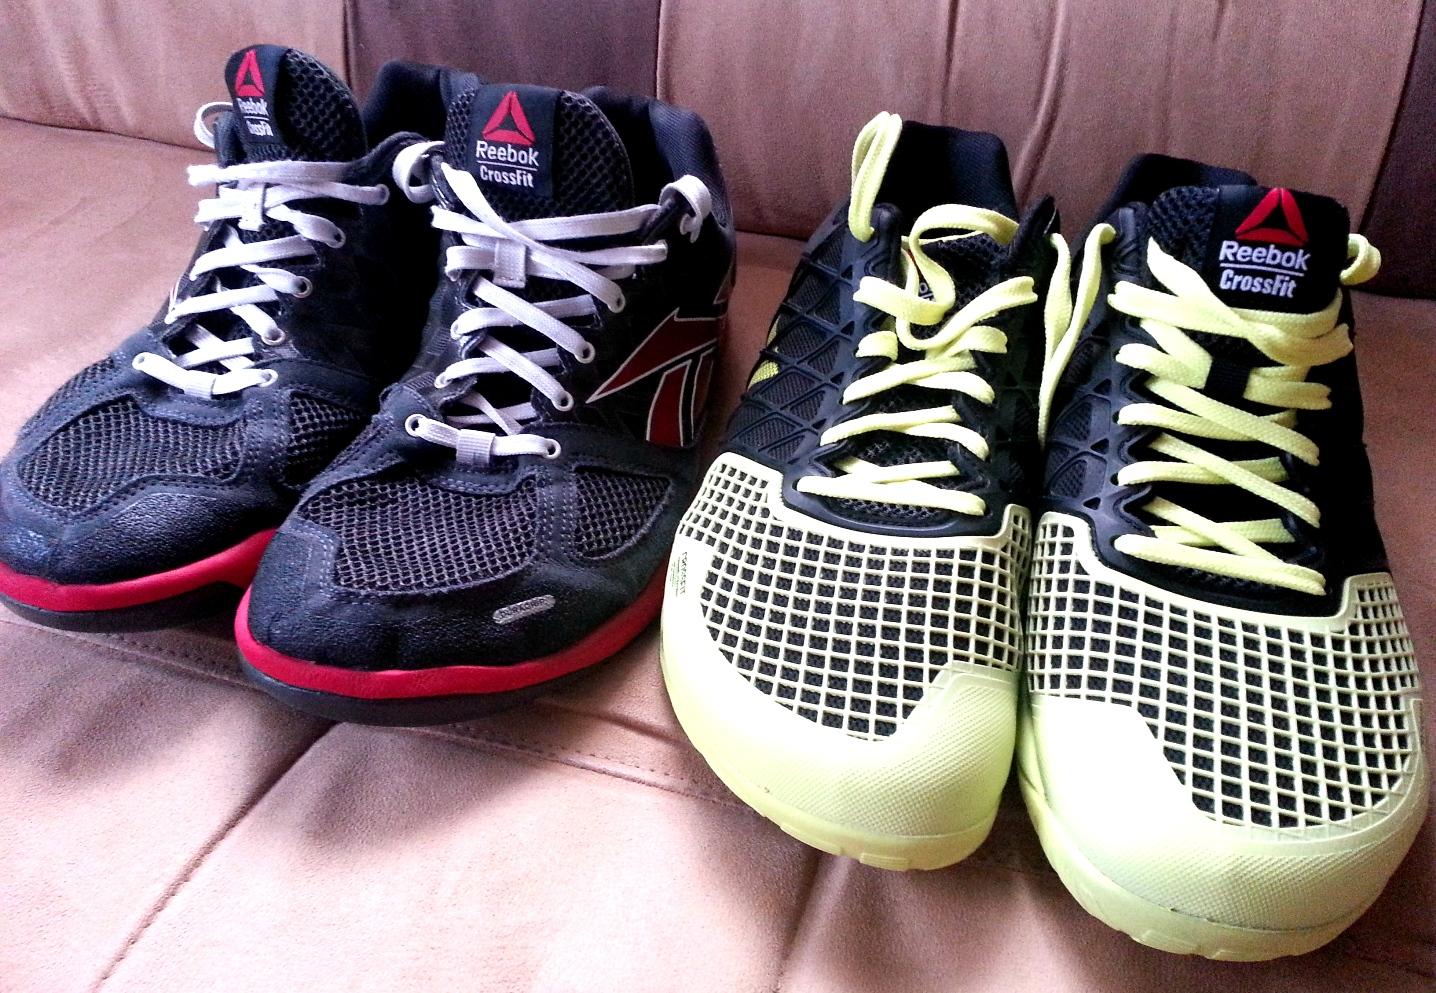 13f5336f1 Dziś minął już ponad rok i 4 miesiące, odkąd przesiadłem się ze zwykłych  adidasów, dedykowanych głównie do koszykówki, na buty Reebok CrossFit Nano  2.0.